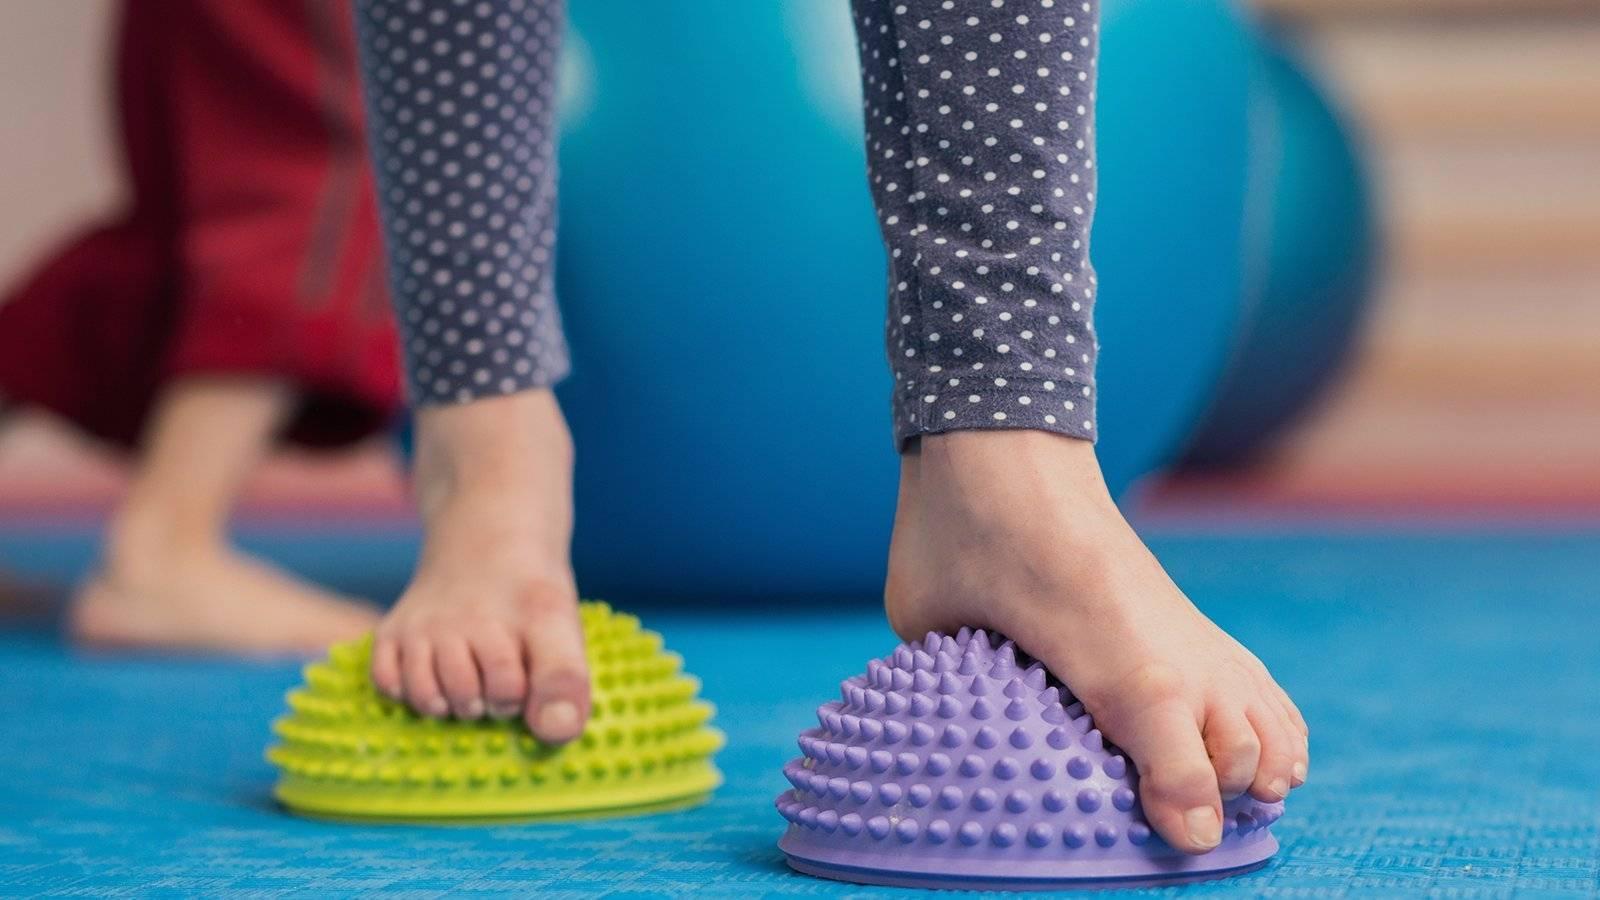 Профилактика и лечение плоскостопия у детей: массаж стоп и комплекс упражнений лфк для выполнения в домашних условиях